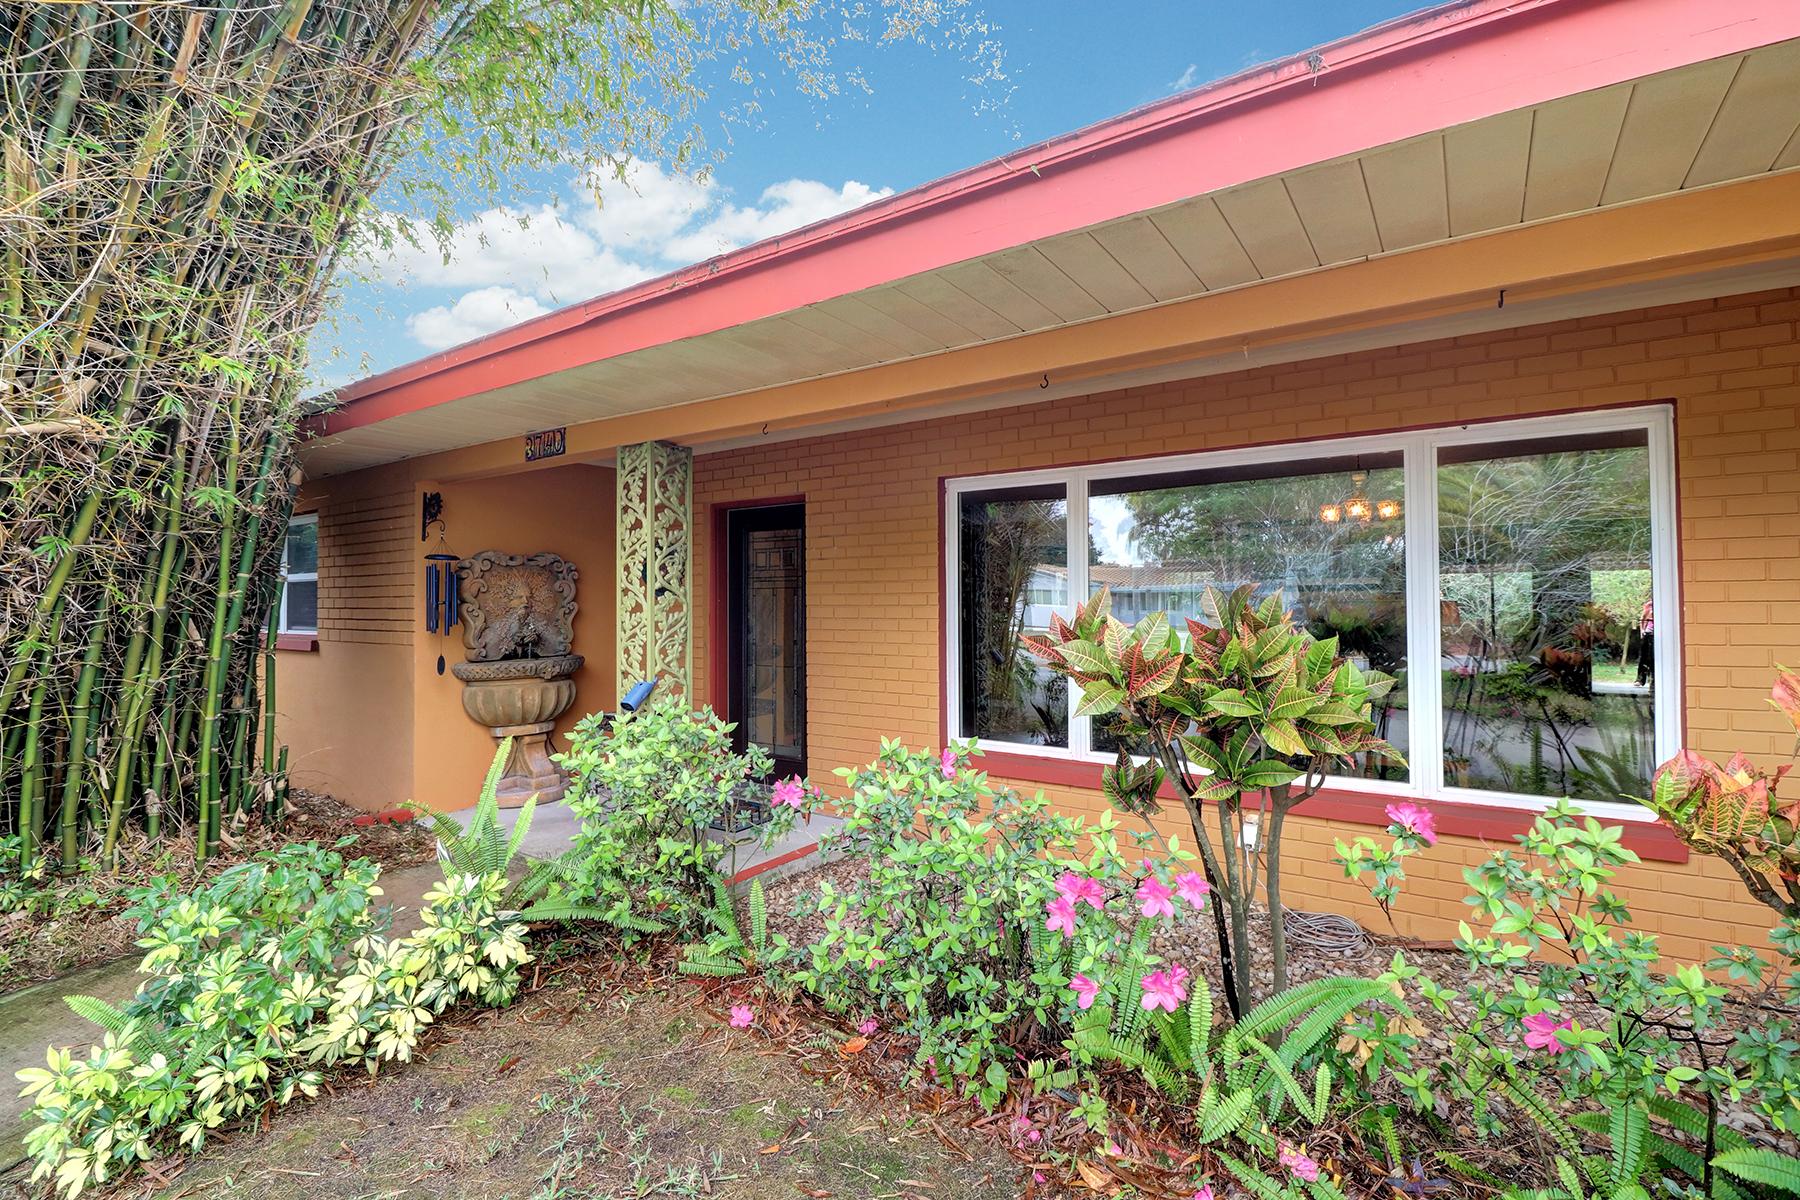 Maison unifamiliale pour l Vente à ST PETERSBURG 3740 17th Ave N St. Petersburg, Florida, 33713 États-Unis